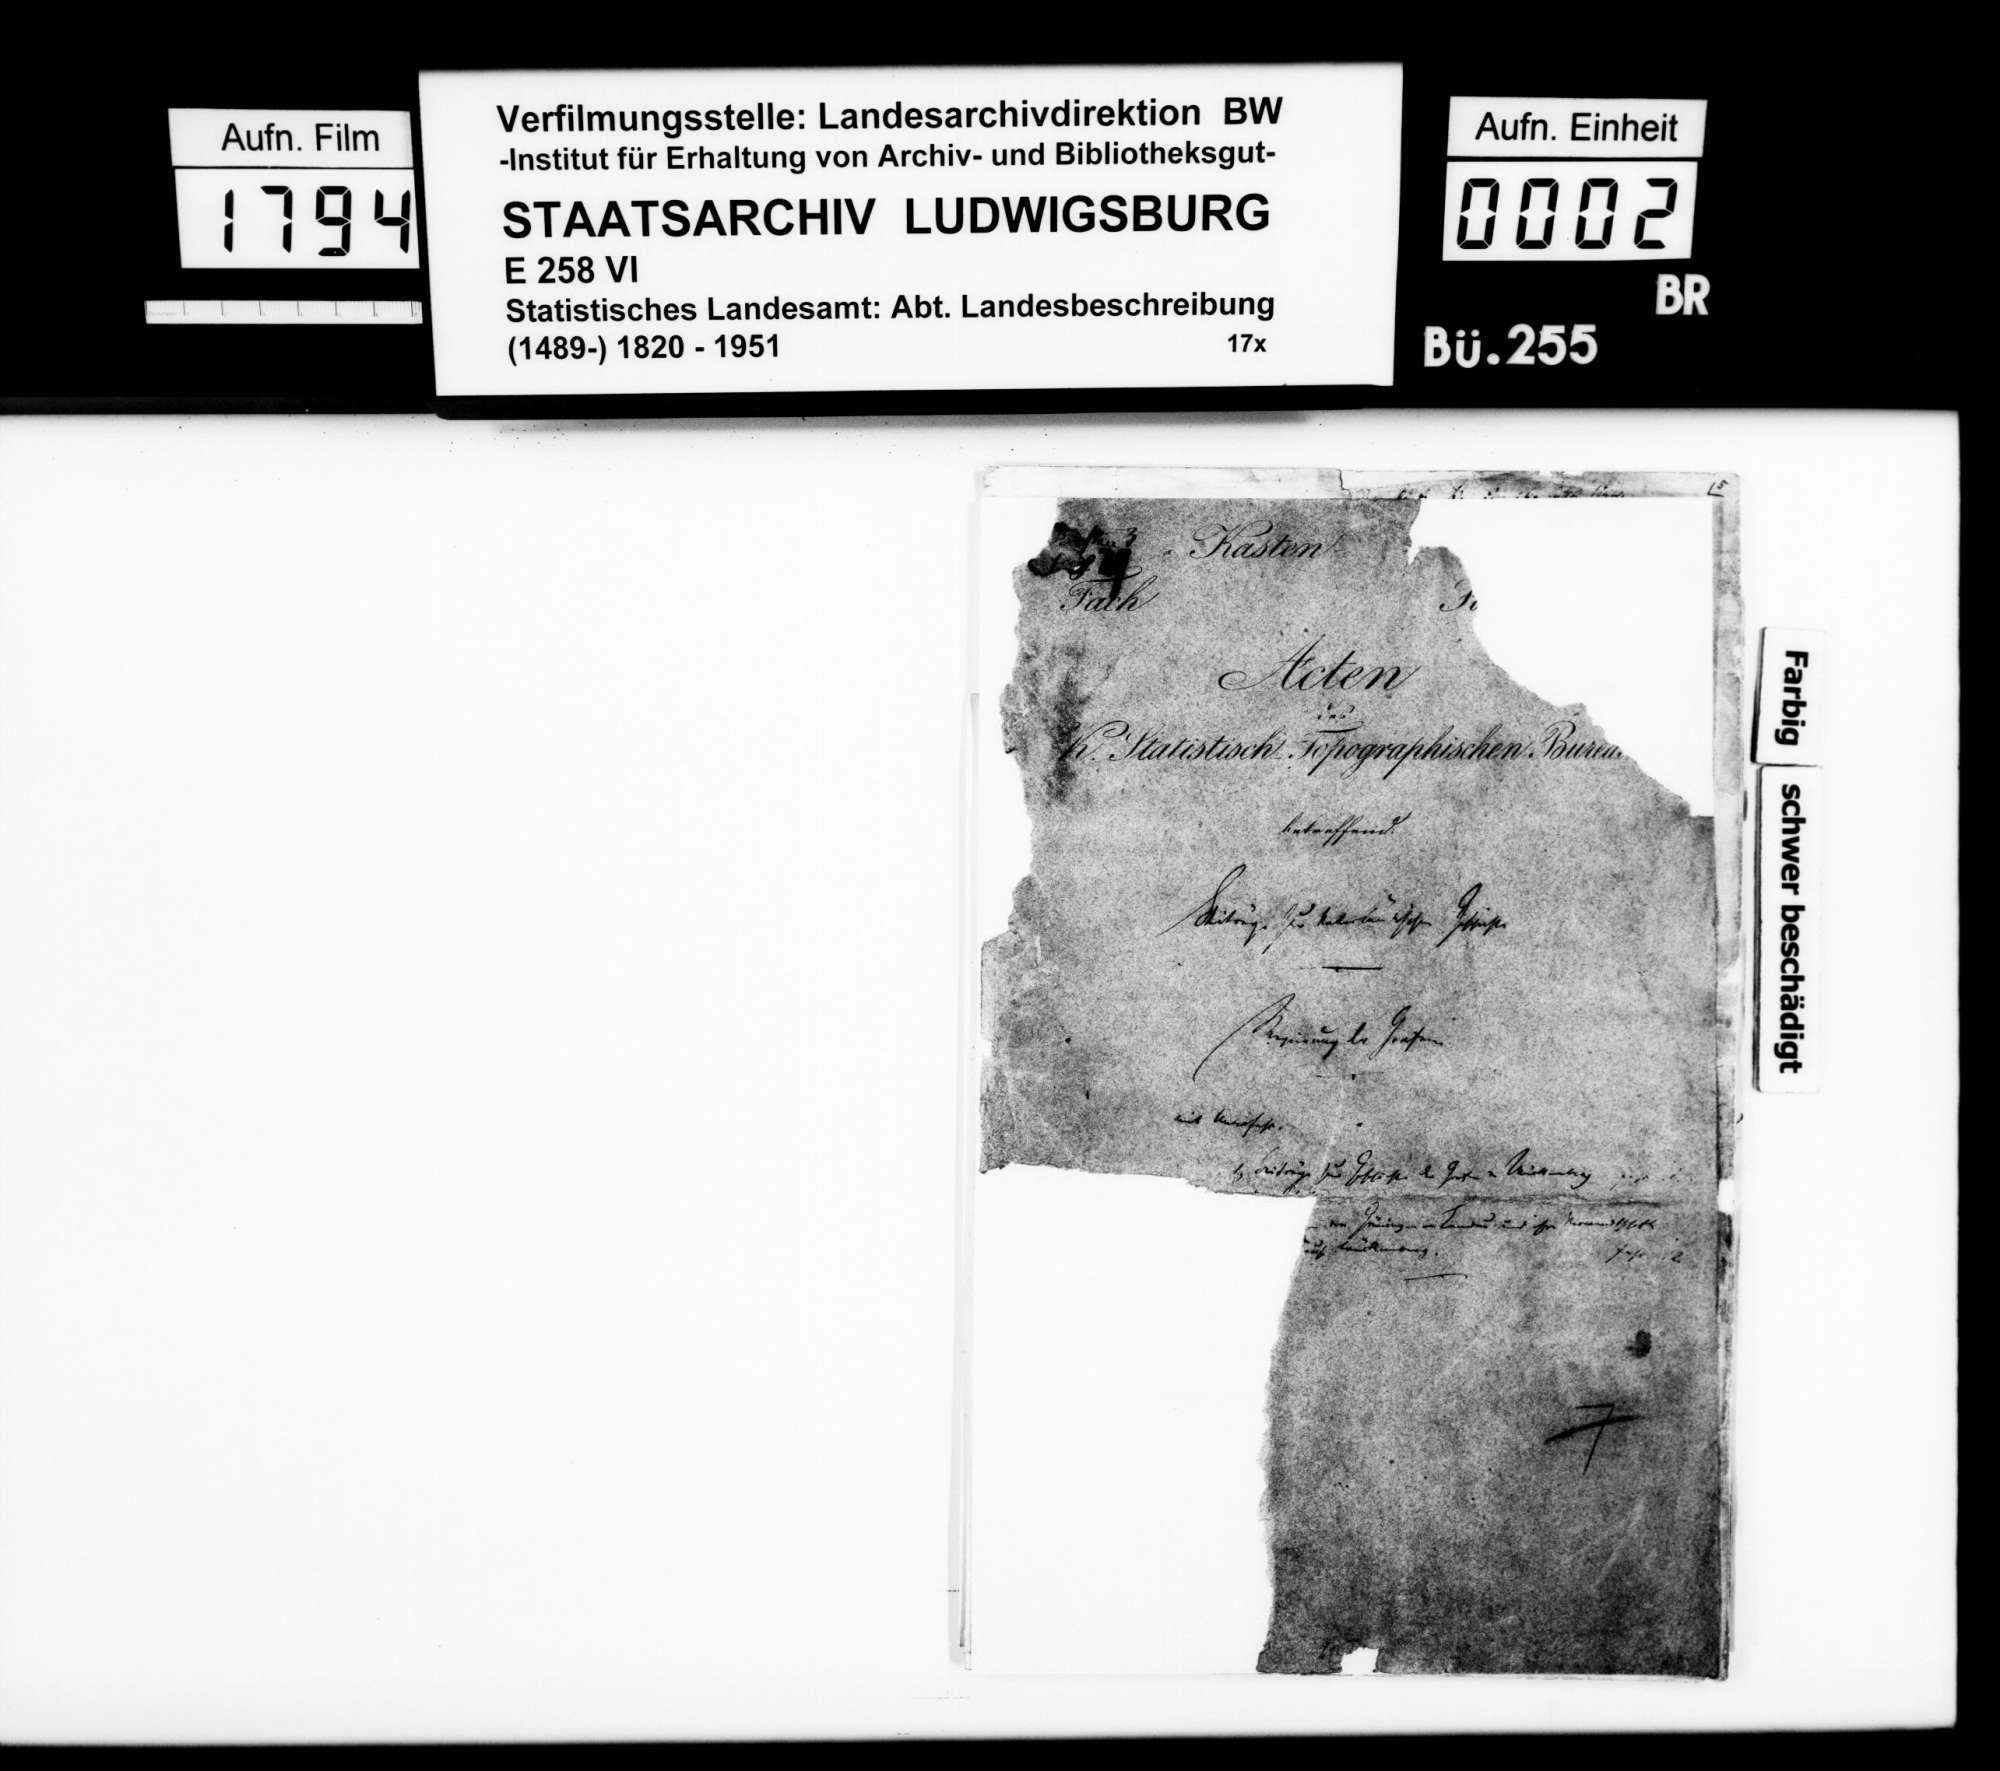 Materialsammlung zur Geschichte der Grafen von Württemberg, Bild 31